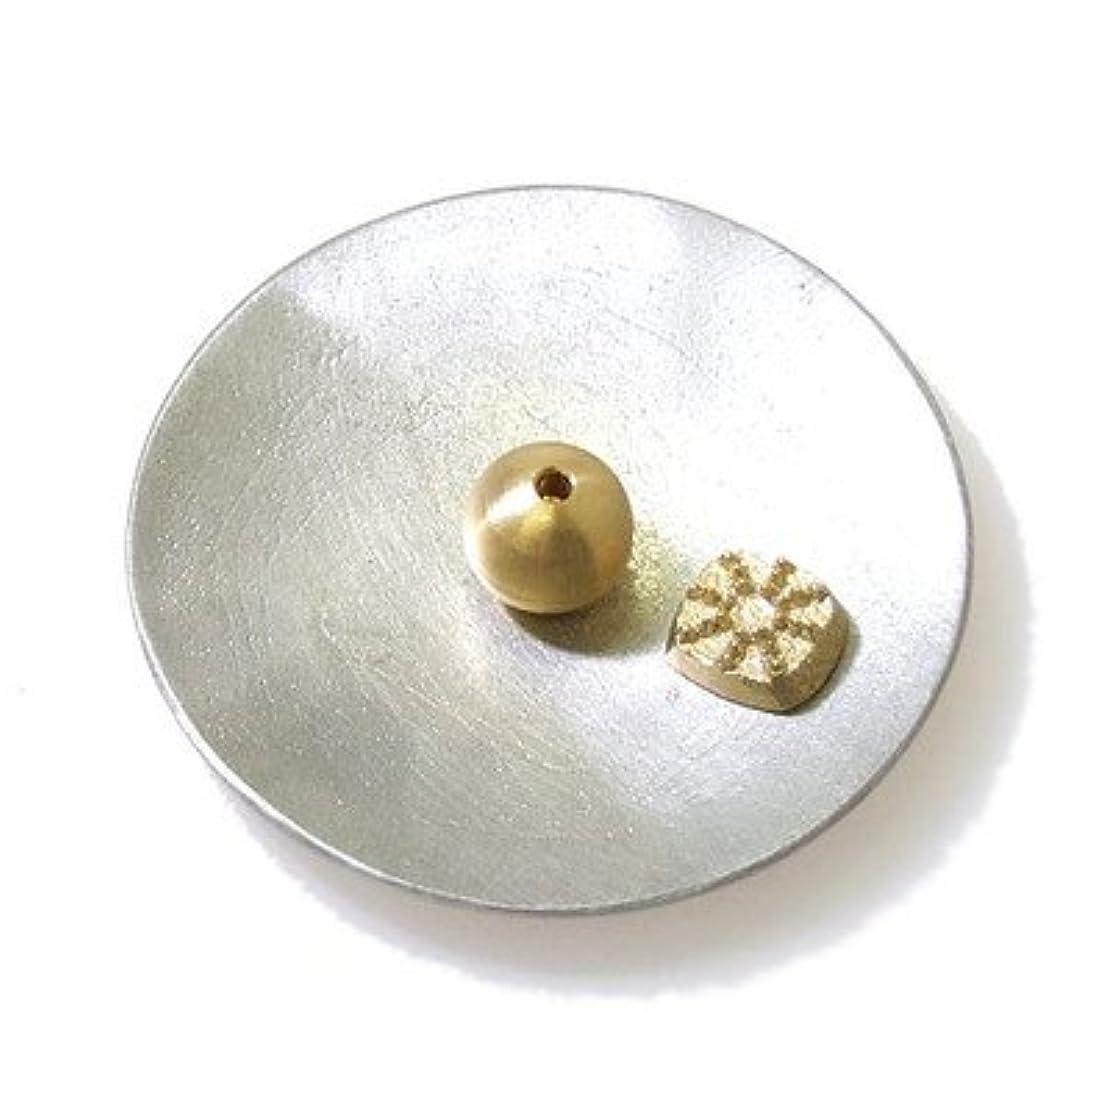 ふざけた適応的ビスケット能作 (のうさく) 香の器セット-丸- 錫